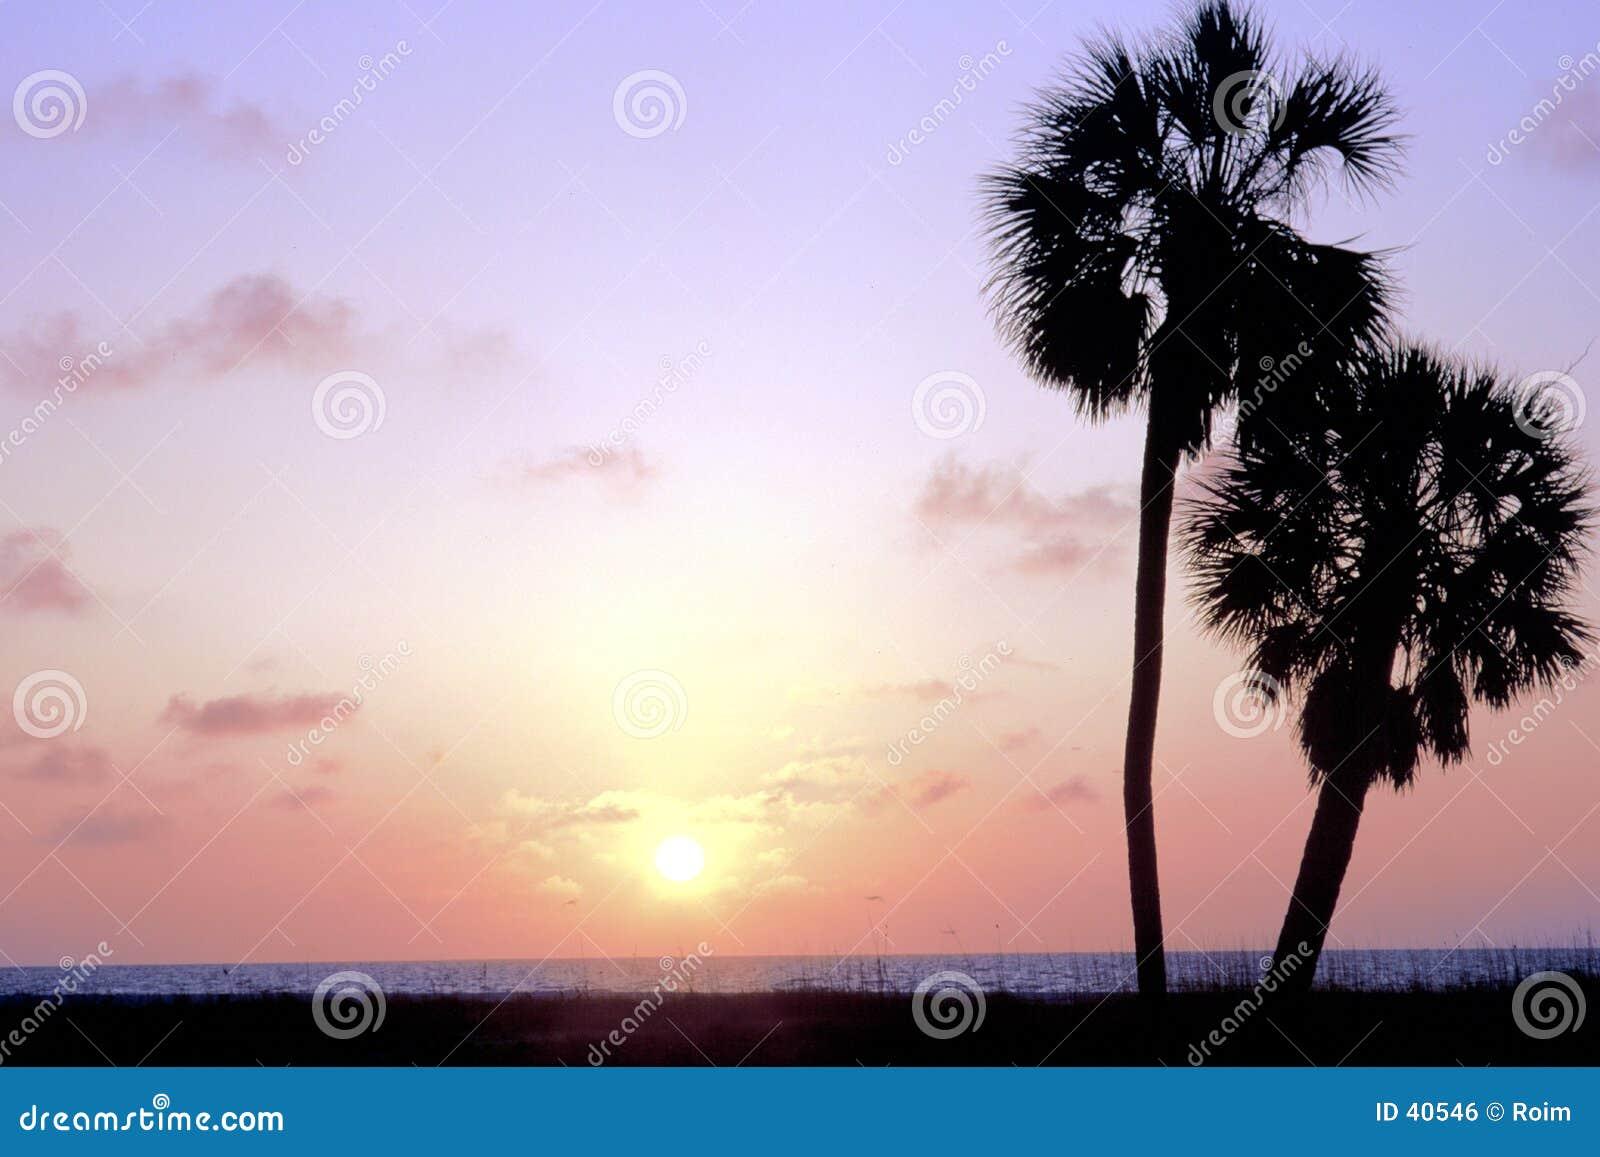 Download Dos palmeras foto de archivo. Imagen de florida, cielo, árboles - 40546